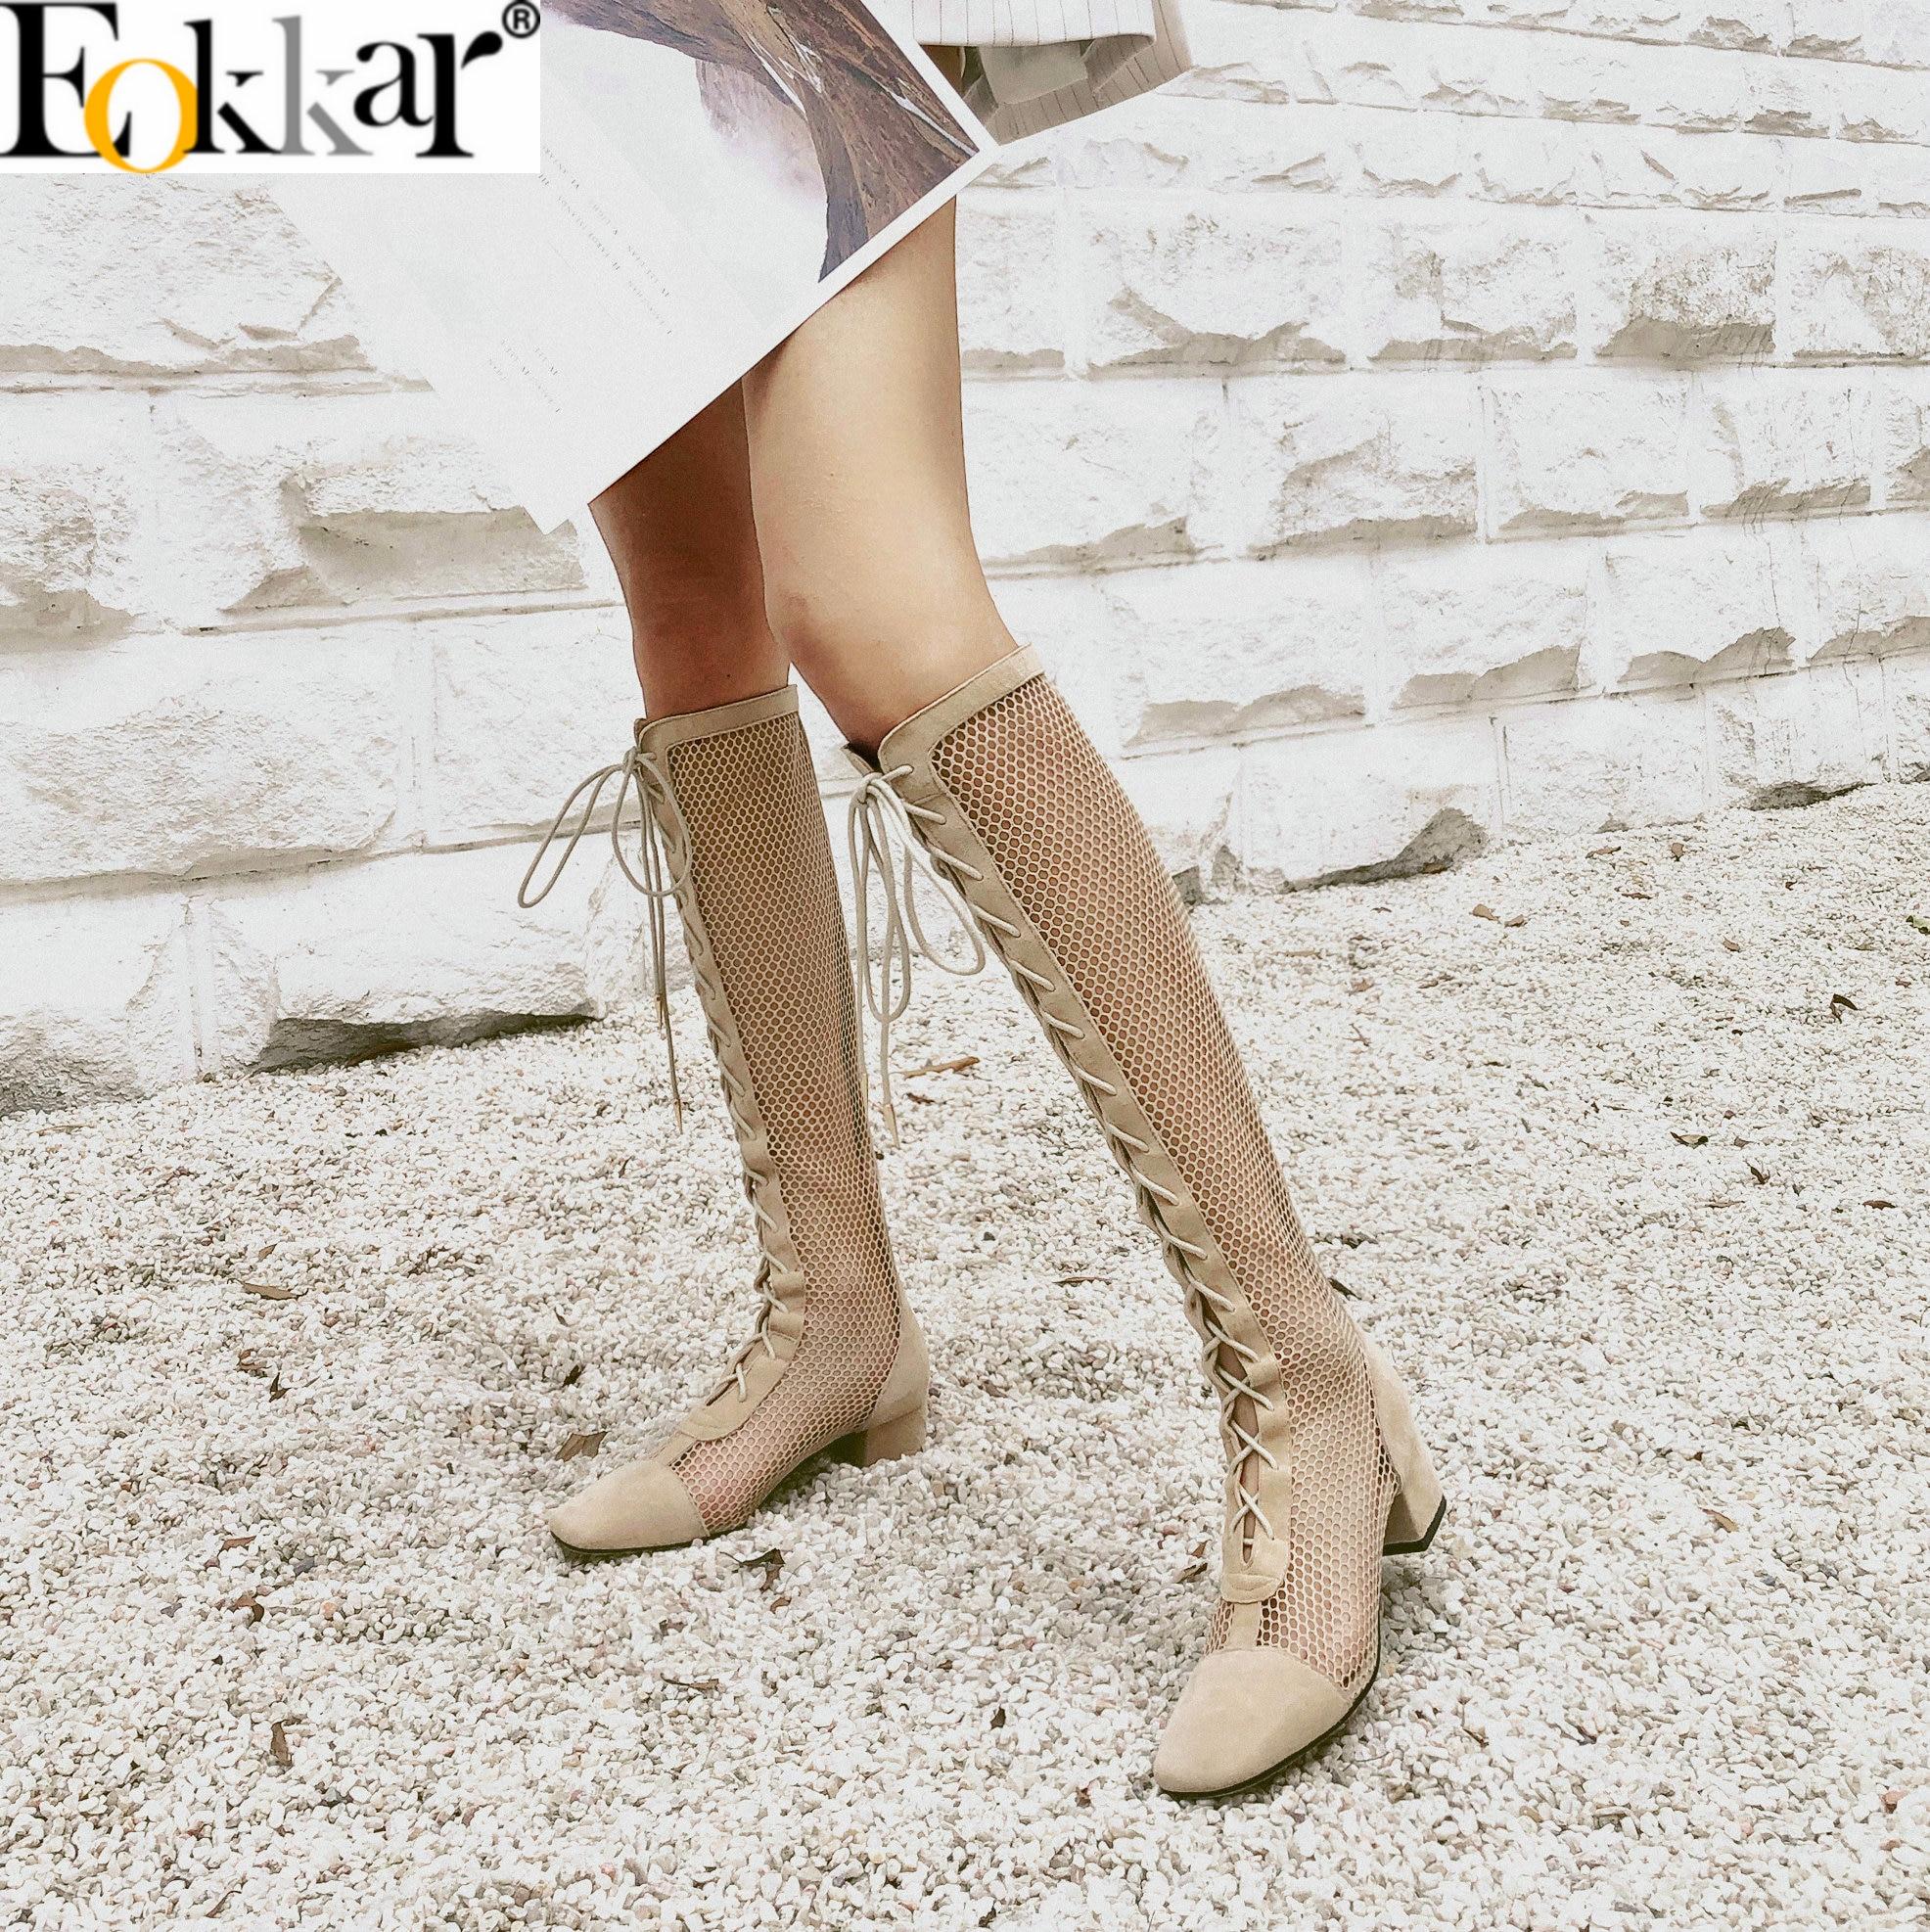 Eokkar 2020 หนังนิ่ม Hallow สตรีเข่าสูงรองเท้าบูทสแควร์ Toe ส้นรองเท้าฤดูใบไม้ผลิซิป Elegant Lace Up Boots ขนาด 34 40-ใน รองเท้าบู๊ทสูงระดับเข่า จาก รองเท้า บน   1